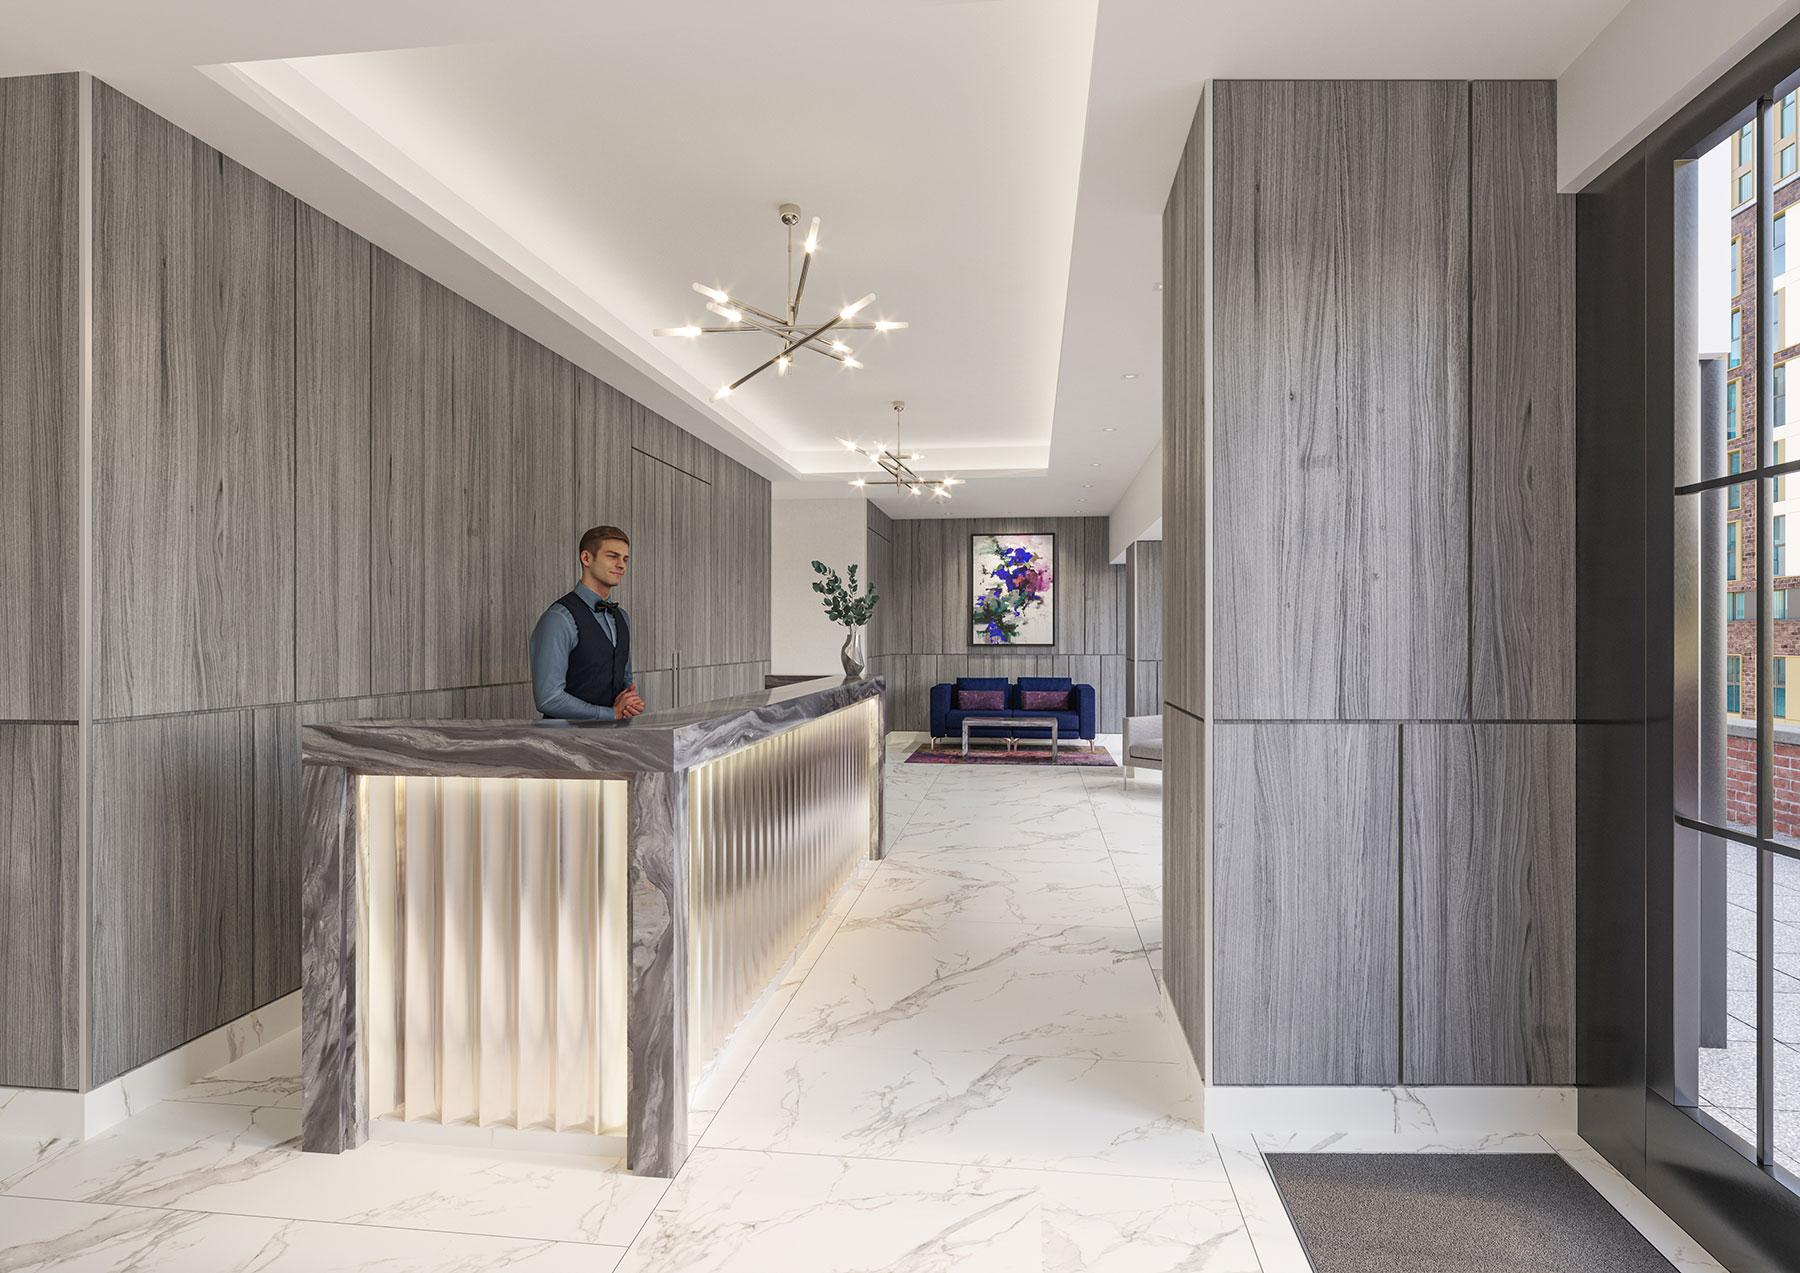 Covid-Conscious Interior Design